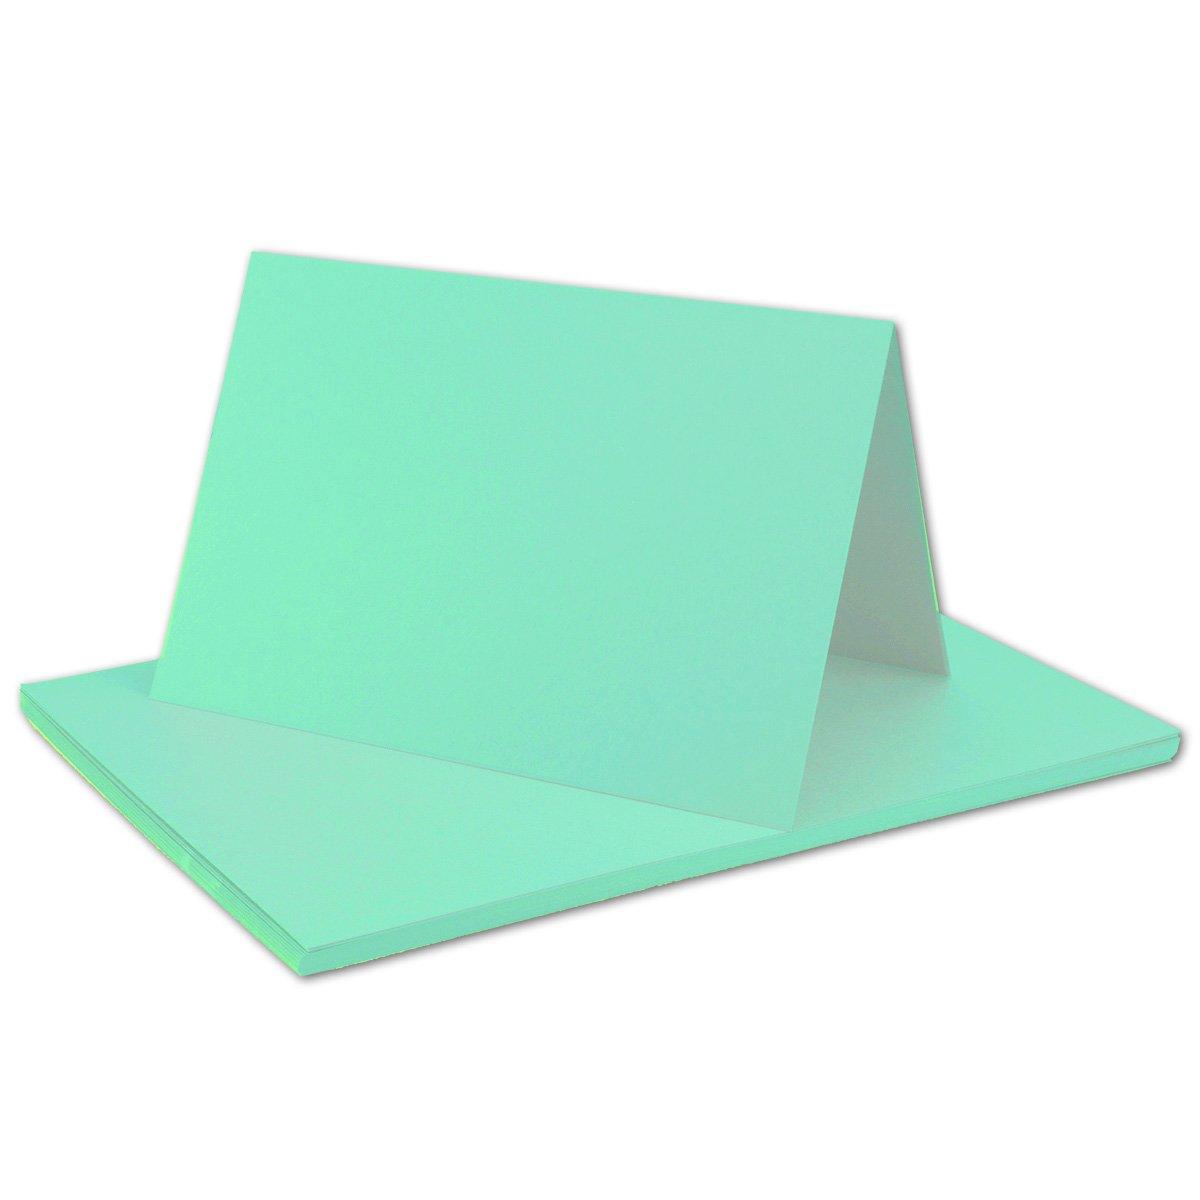 Faltkarten Set mit Brief-Umschlägen DIN DIN DIN A6   C6 in Rosanrot   100 Sets   14,8 x 10,5 cm   Premium Qualität   Serie FarbenFroh® B076H5RB8W | Smart  980d3f